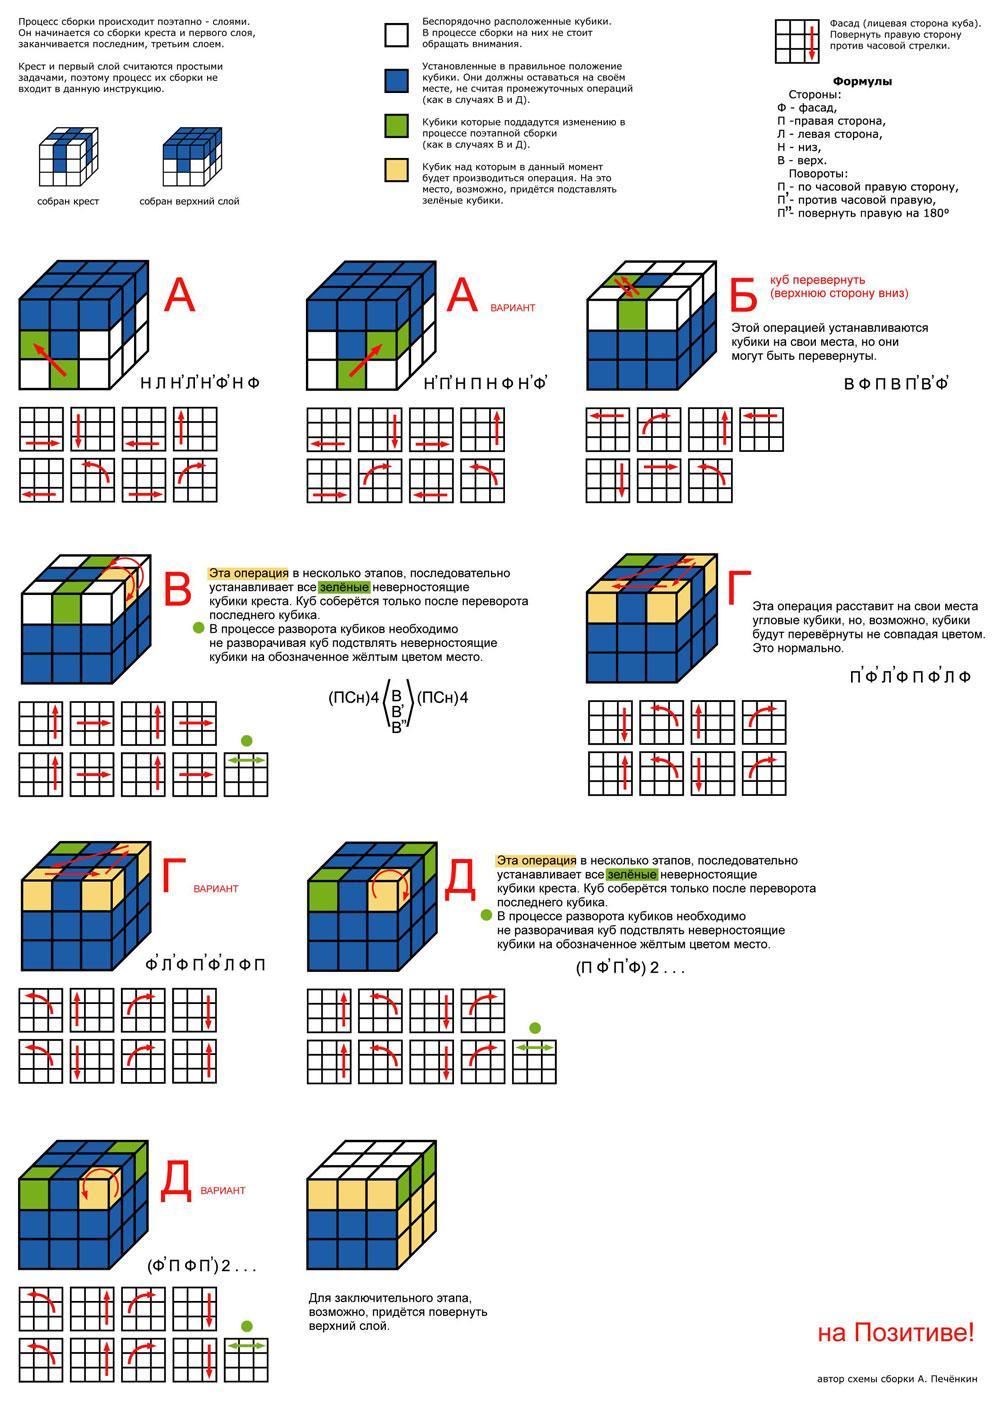 металлокаркасе картинки как собрать кубика рубика могут отправиться